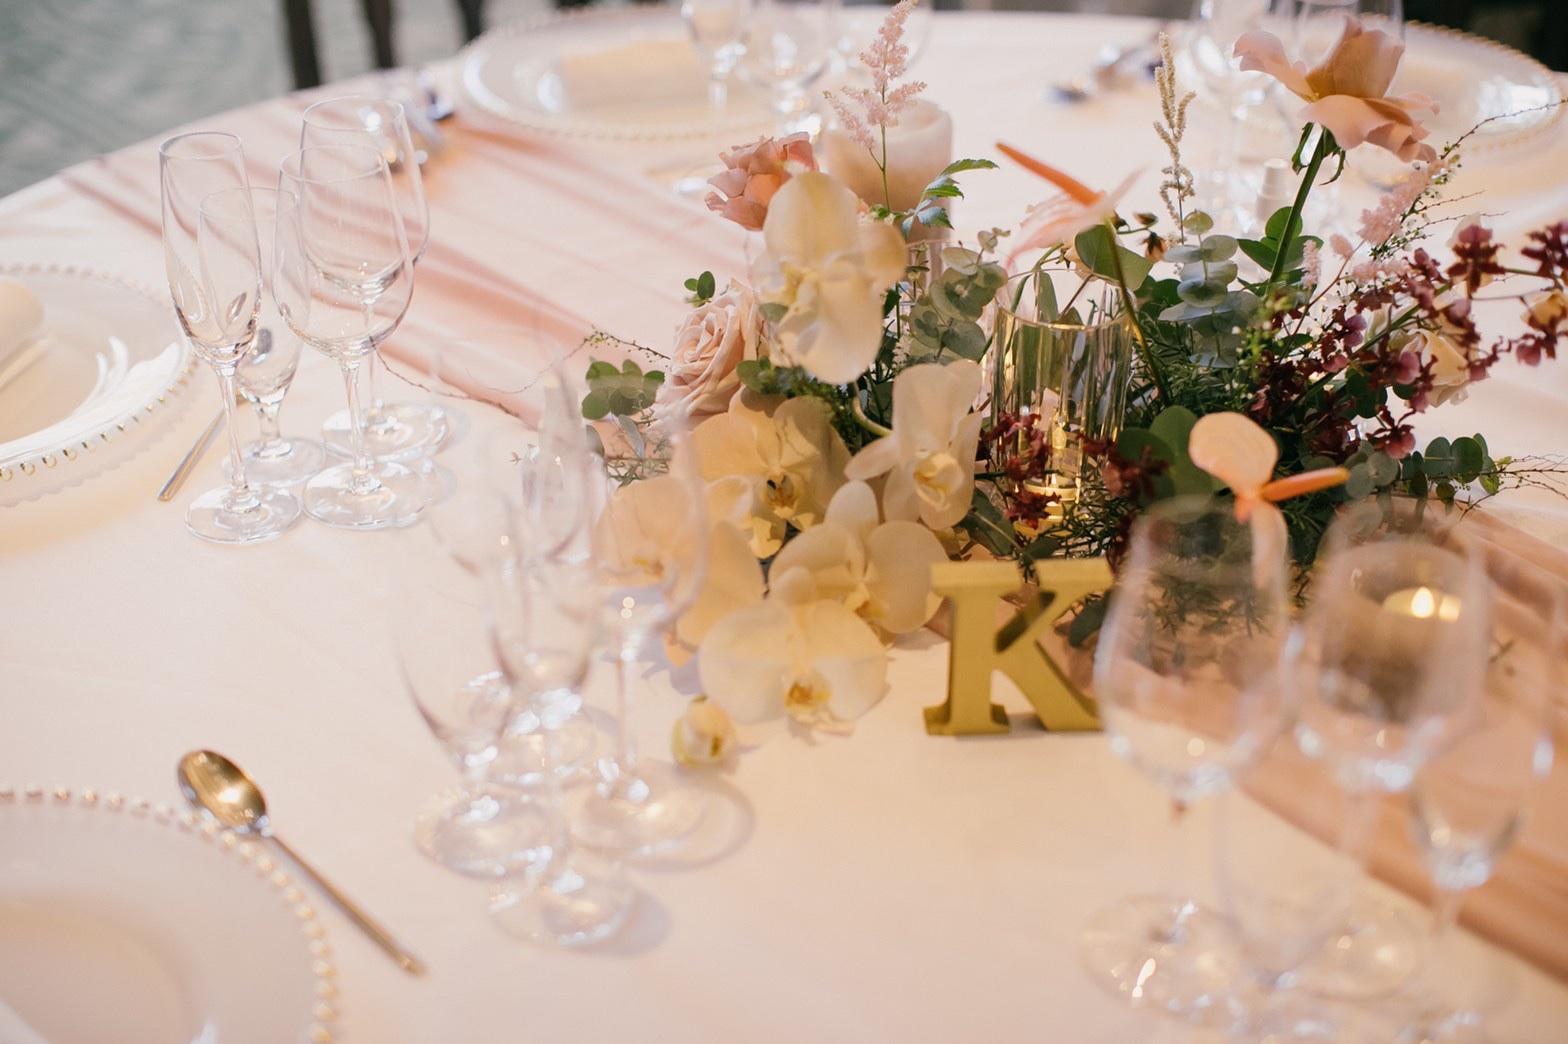 結婚式のテーブルコーディネートはくすみピンク合わせる事で大人可愛く甘すぎない雰囲気に。